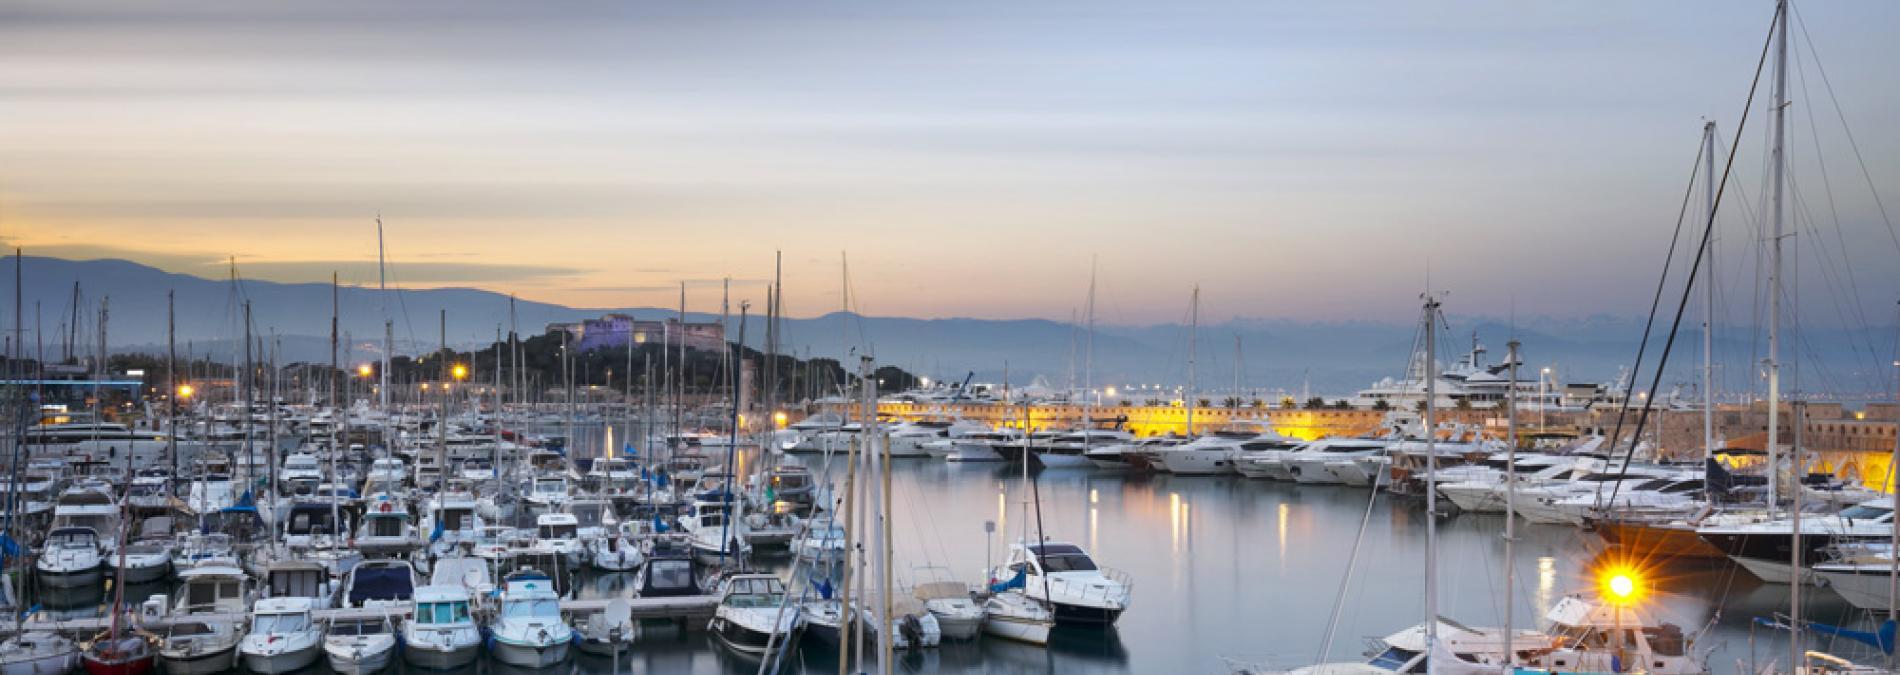 Place de Port 16 mètres Antibes Port Vauban à vendre